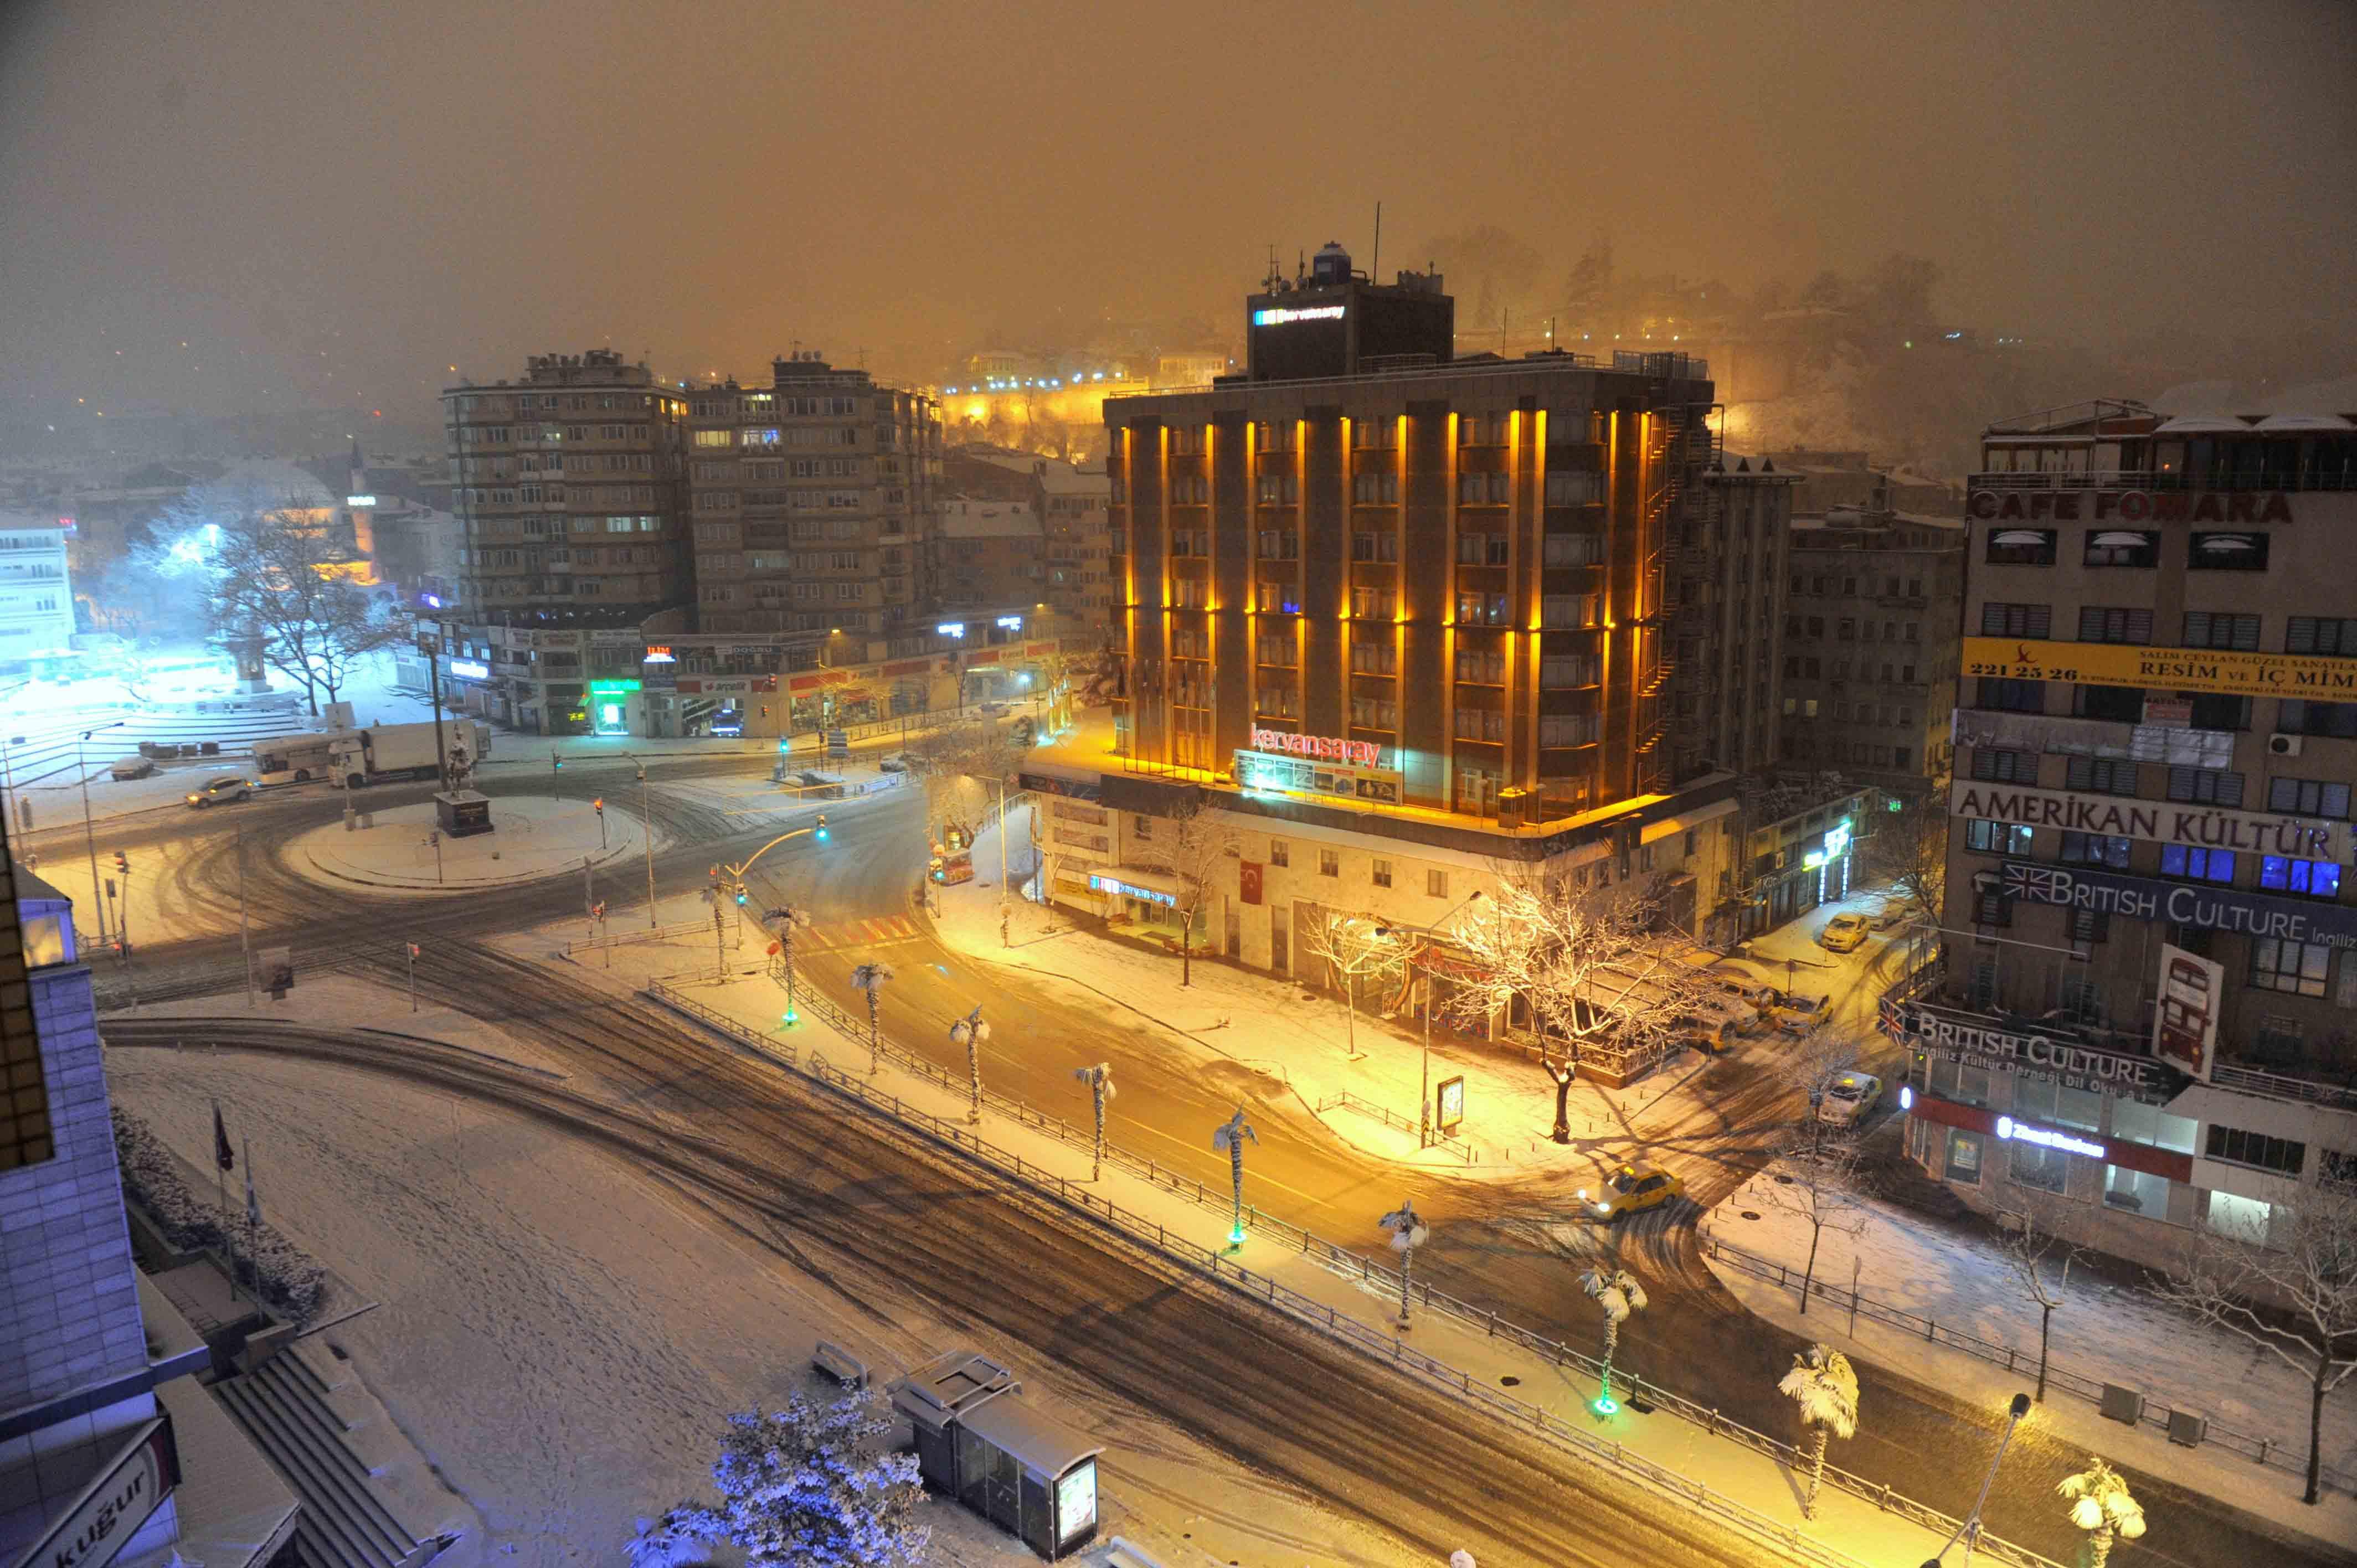 Kar Bursa'ya çok yakıştı 20